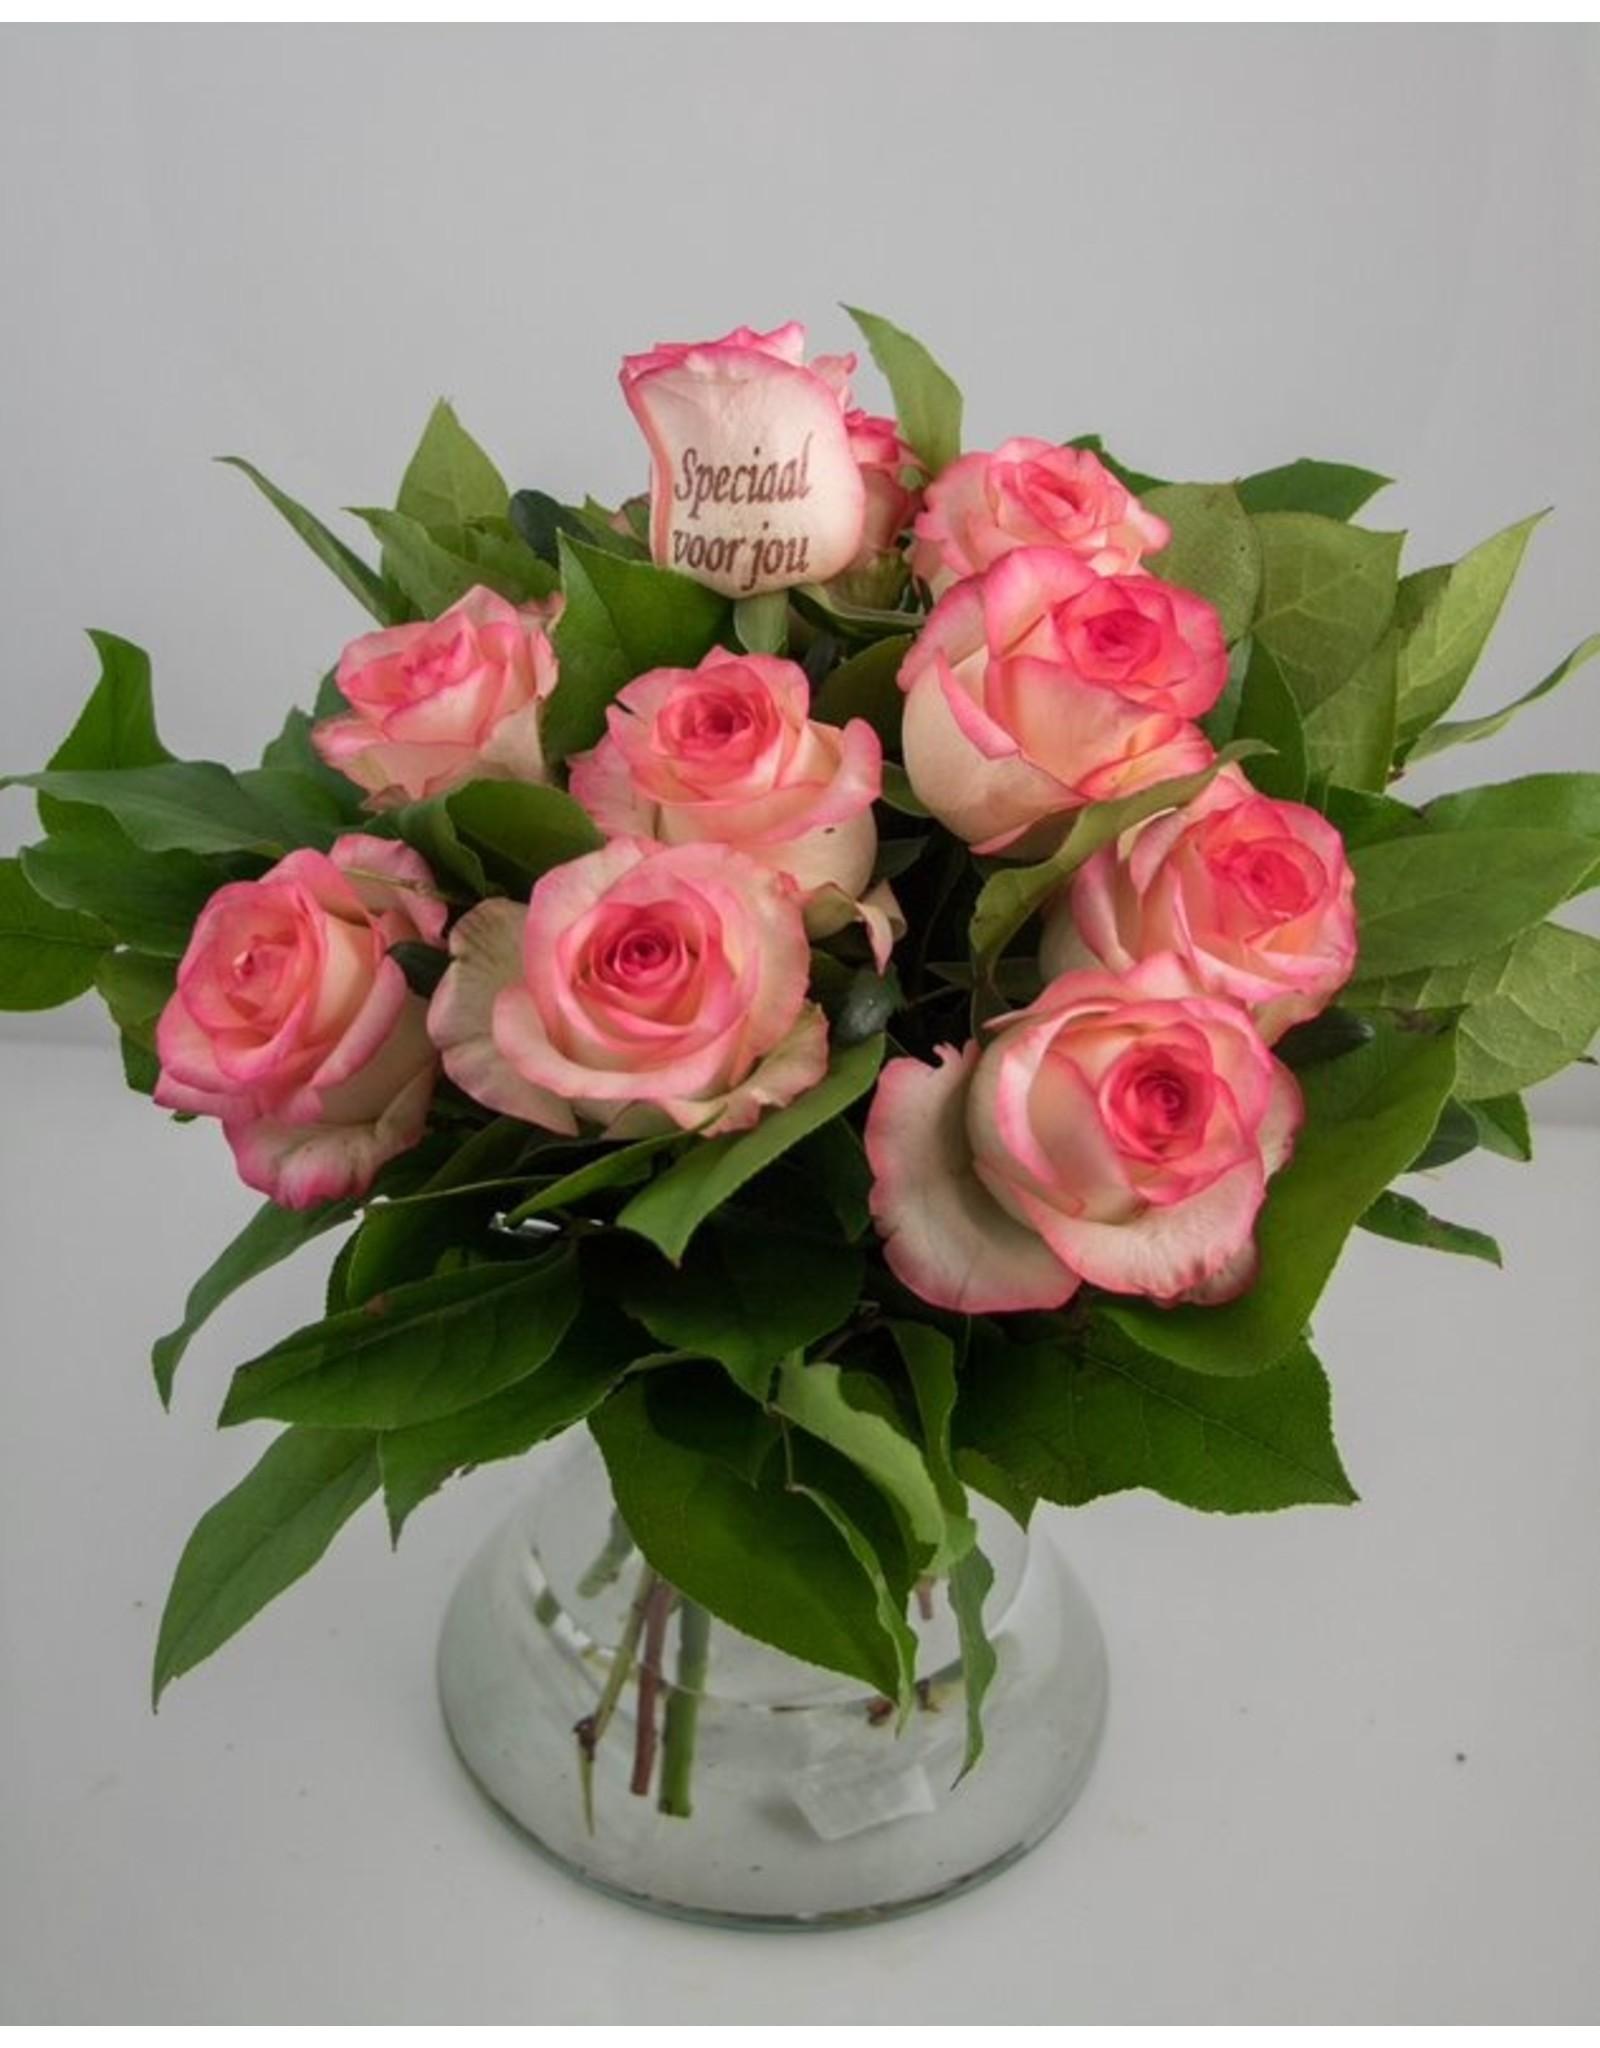 Magic Flowers Boeket 9 rozen - Wit/Roze - Speciaal voor jou